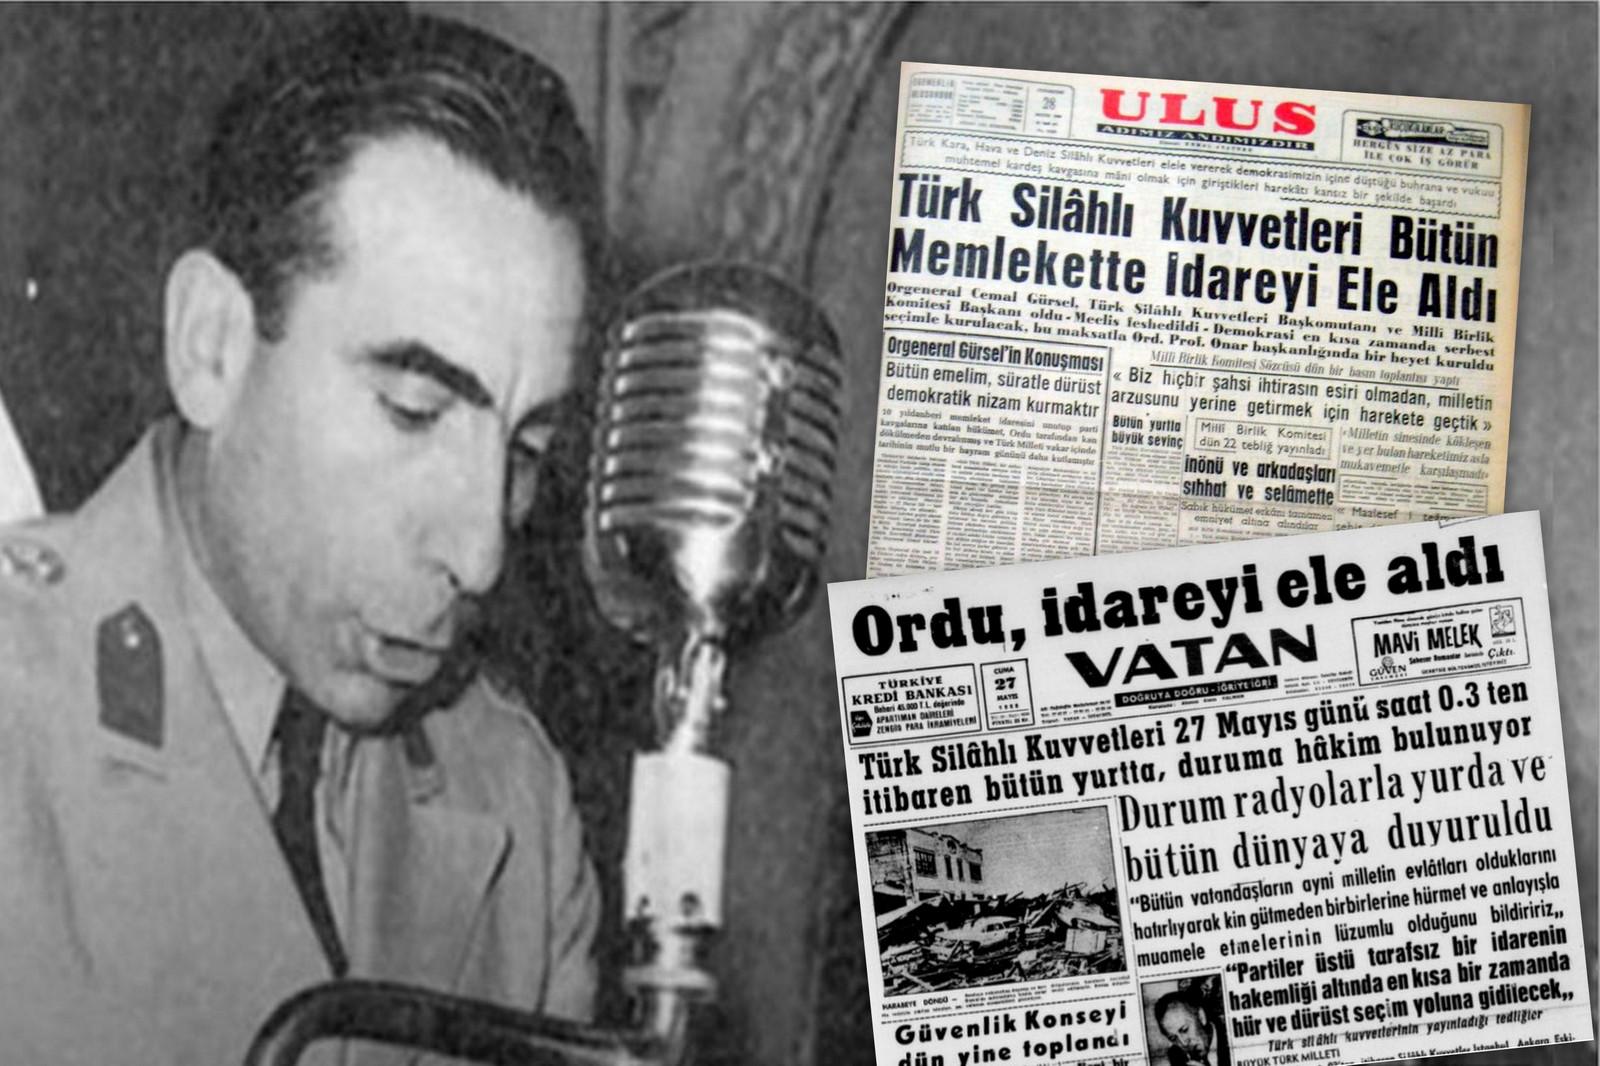 60 yıl sonra 27 Mayıs 1960 askeri müdahalesine bakmak (1) | Independent Türkçe